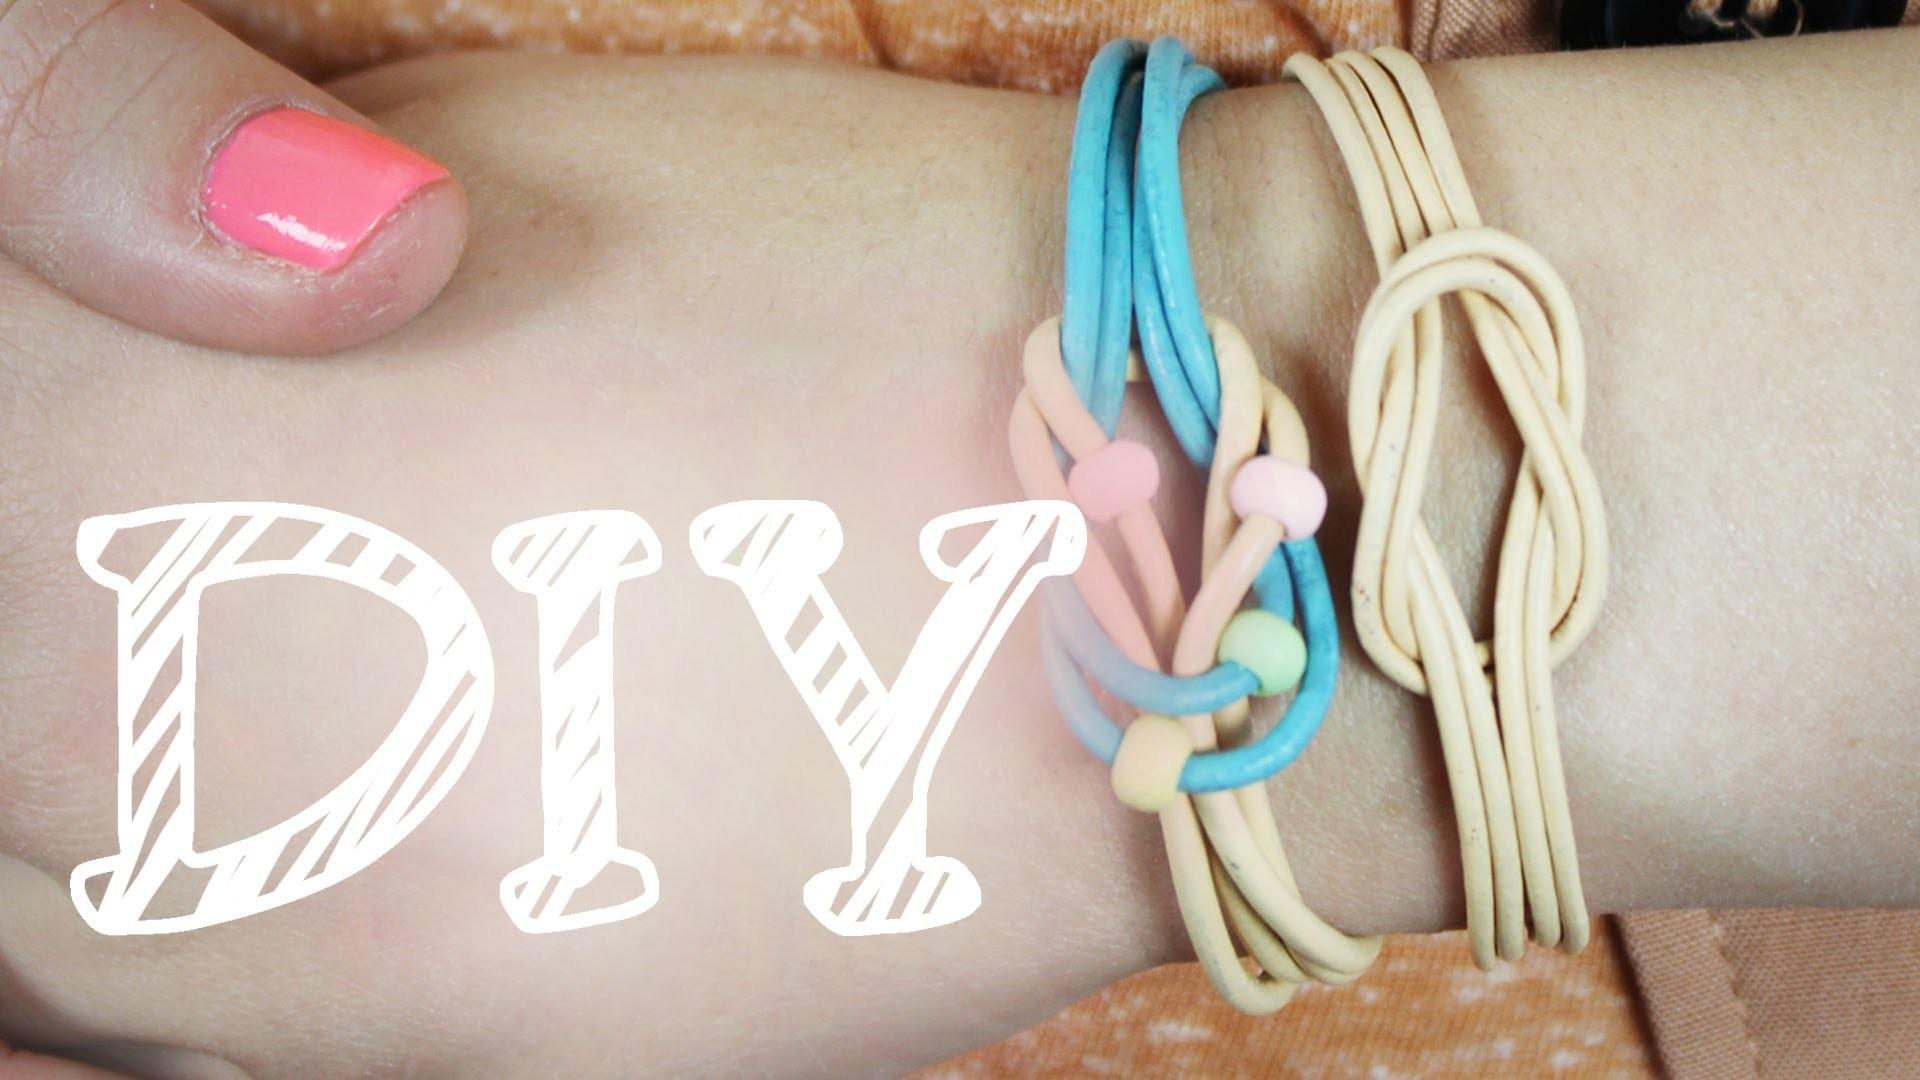 |DIY| Armband & Haarband aus Schlaufen - ganz einfach - Freundschaftsarmband